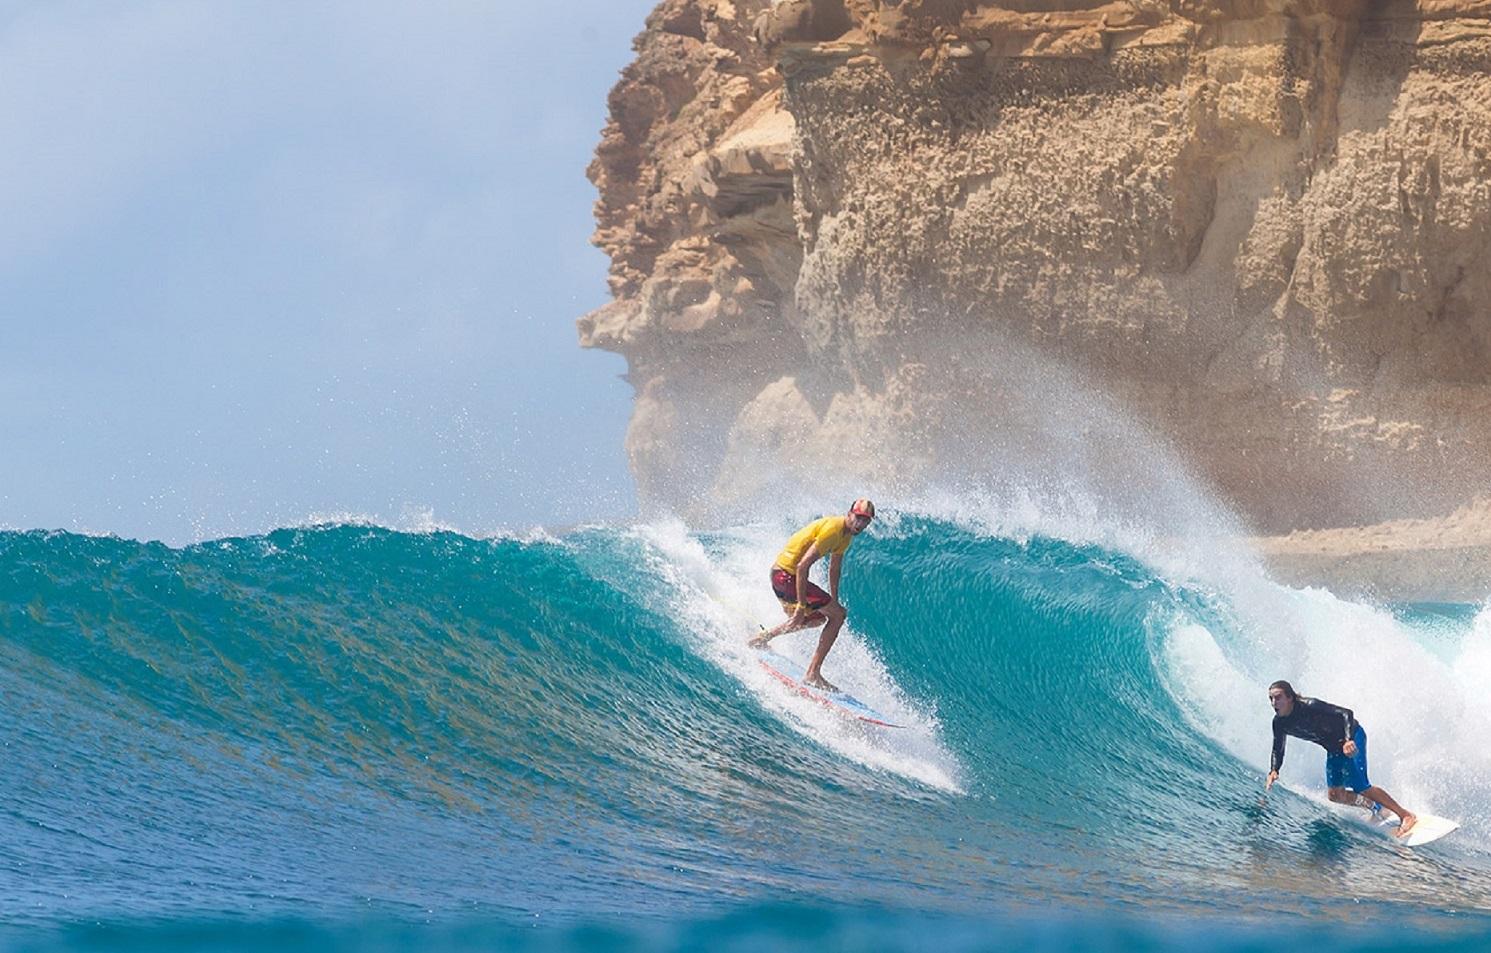 bangko-bangko beach surfing in lombok